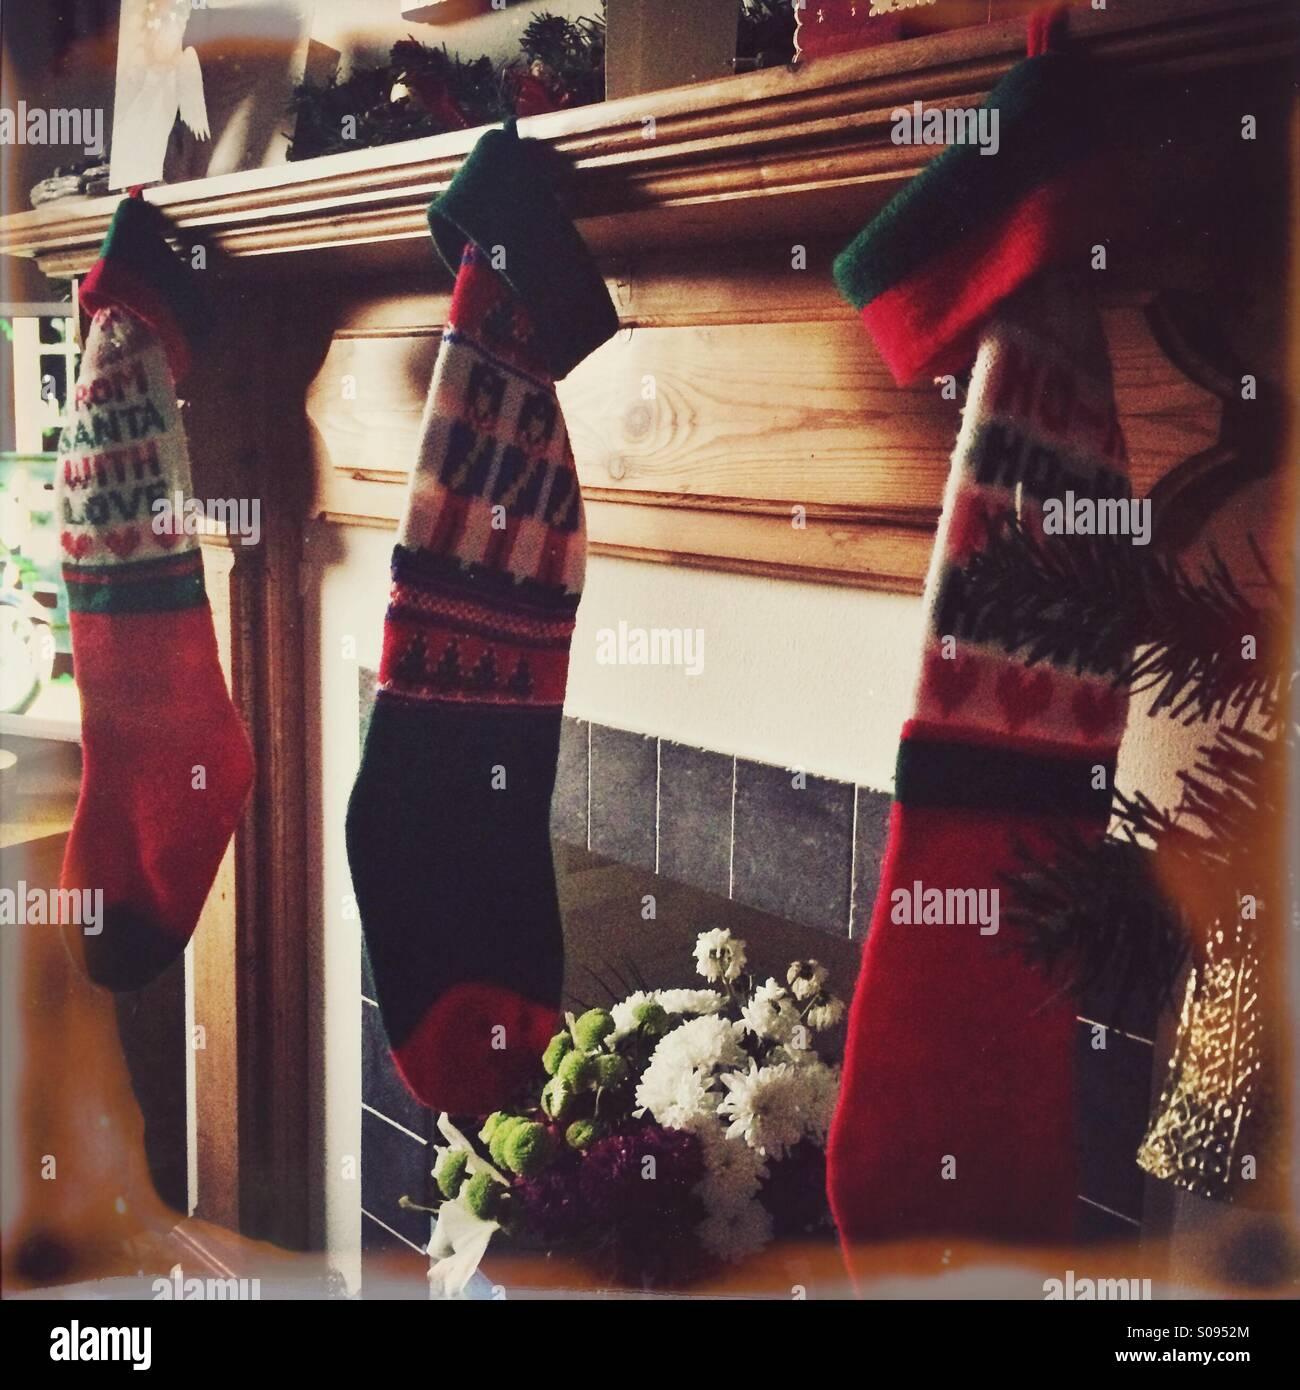 Calze di Natale appeso sopra un caminetto Immagini Stock